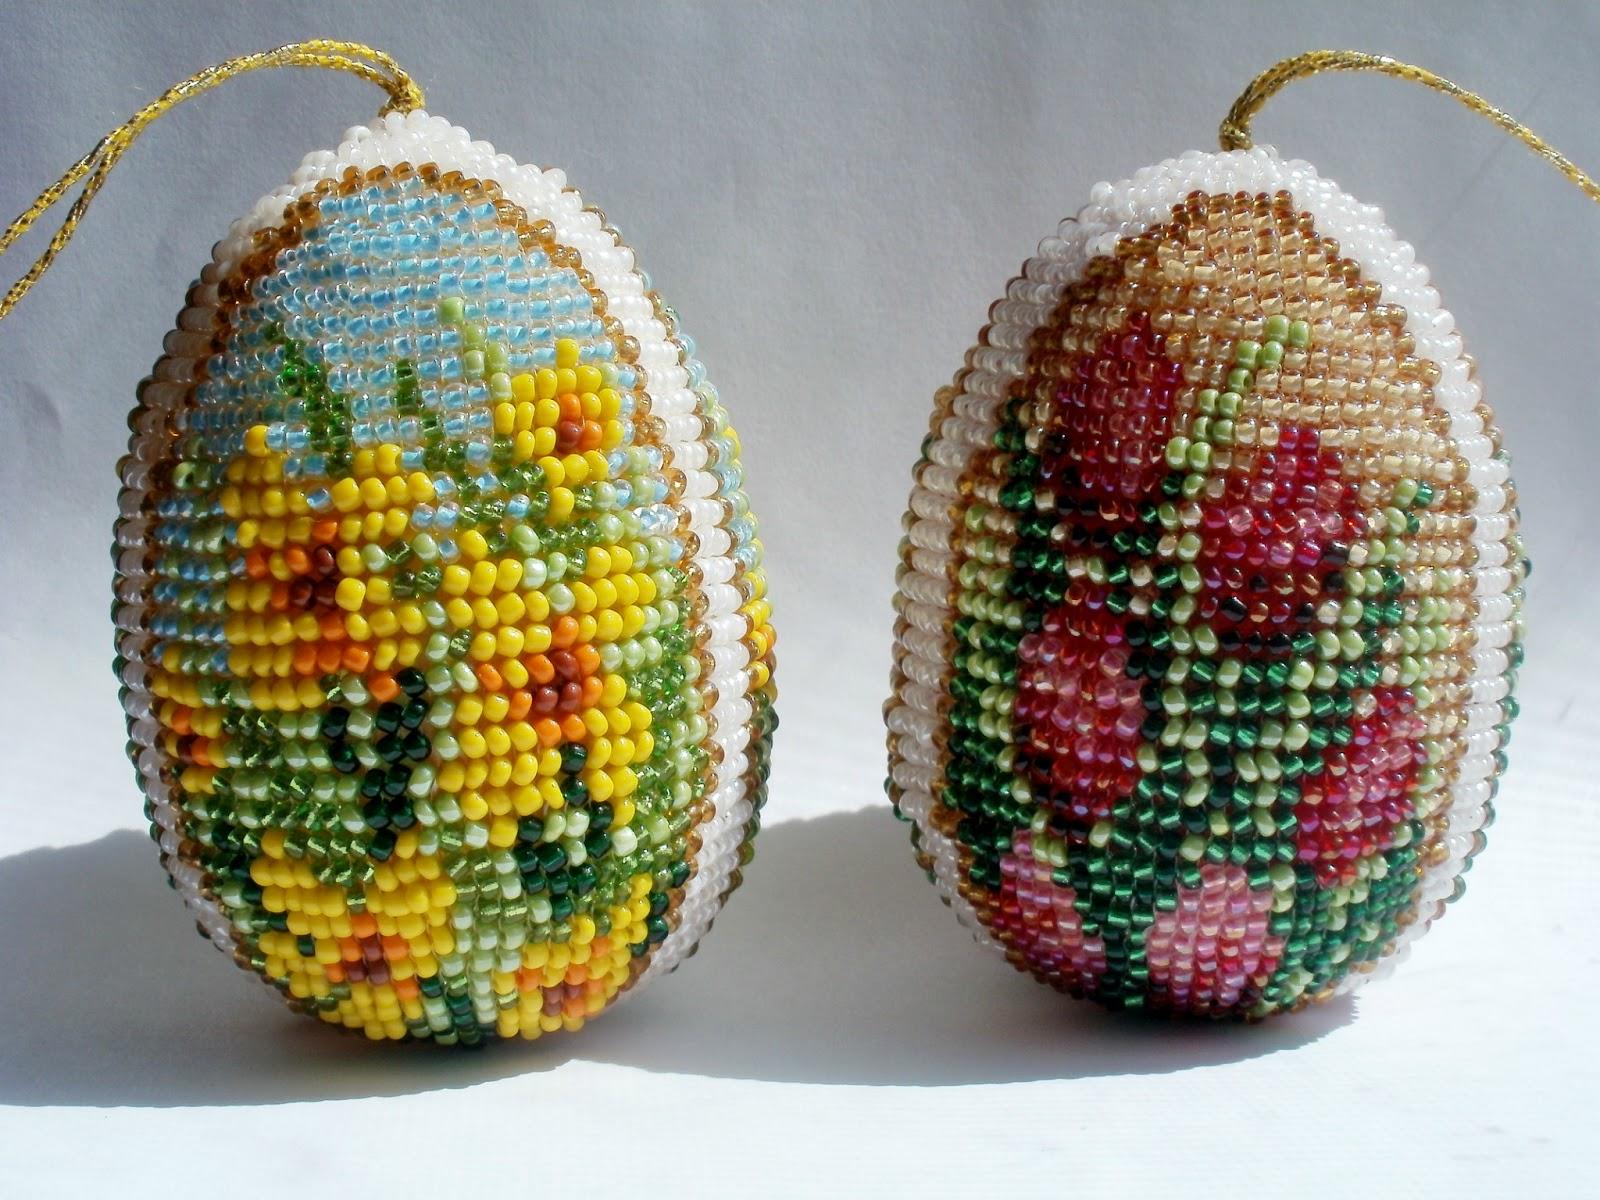 Уже остается совсем мало времени до Пасхи и я предлагаю пять красивых схем для пасхальных яиц оплетенных бисером.